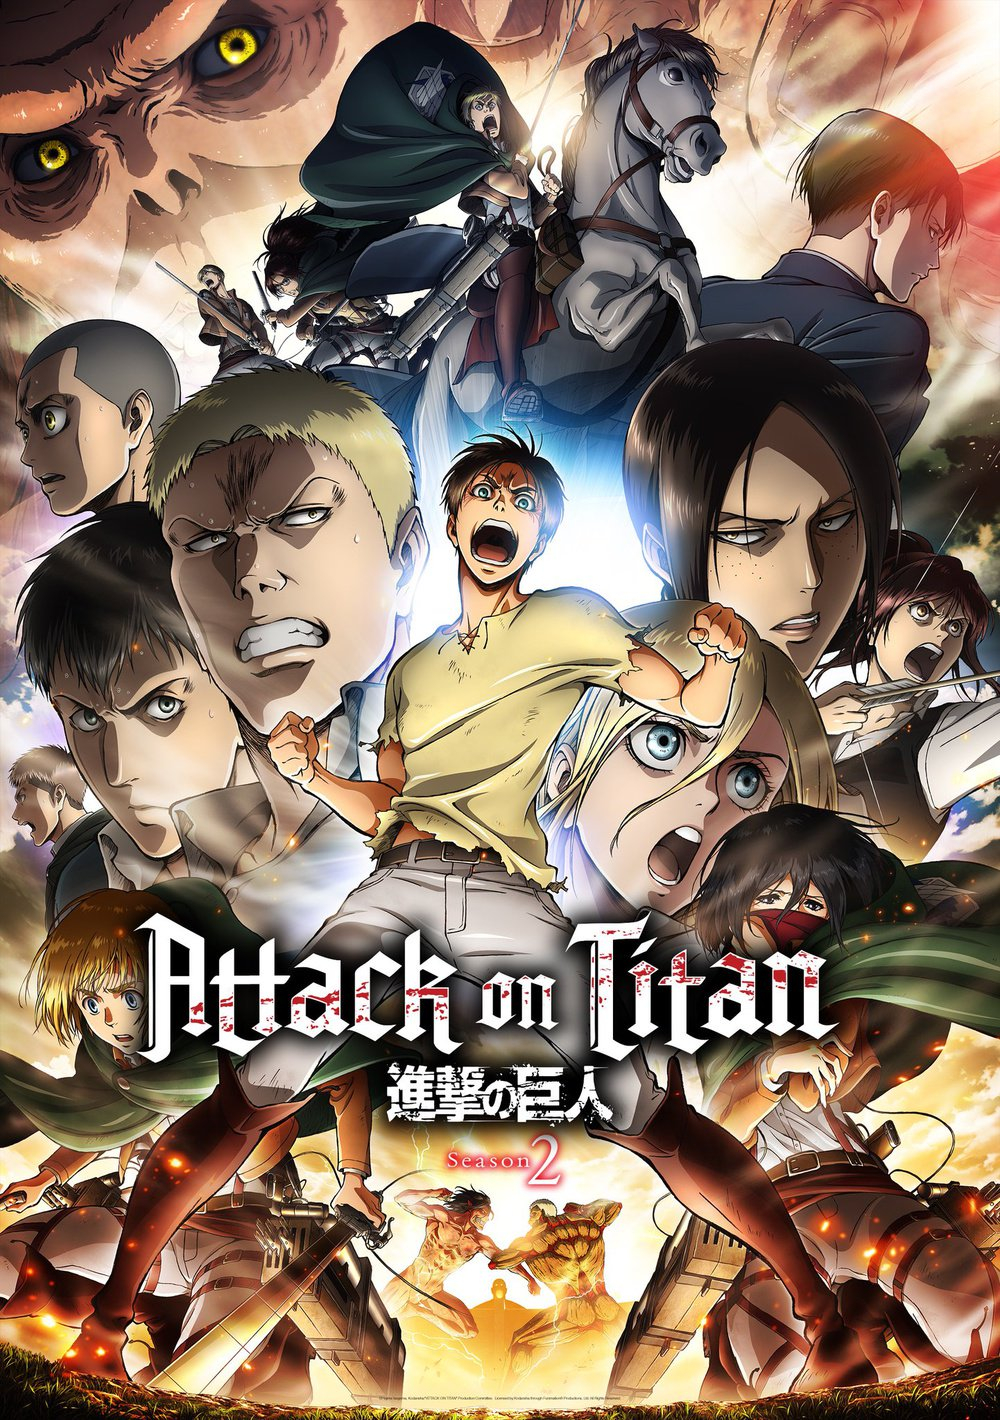 Shingeki no Kyojin 2a temporada tendrá 12 episodios